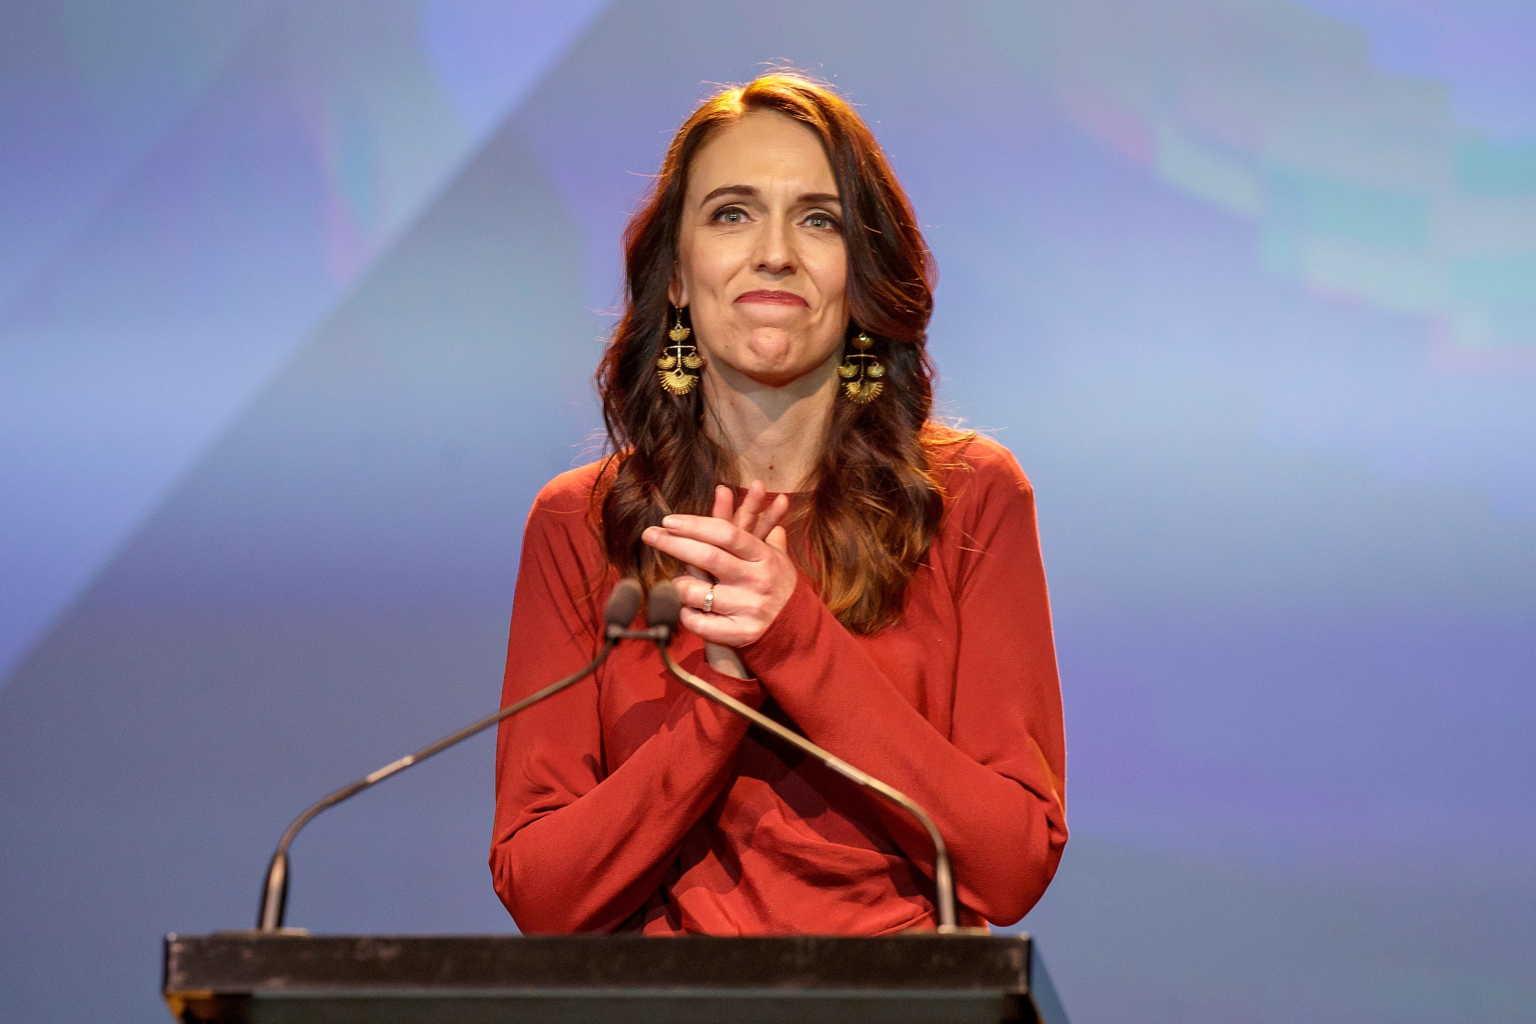 Νέα Ζηλανδία: Σαρωτική νίκη του Εργατικού Κόμματος